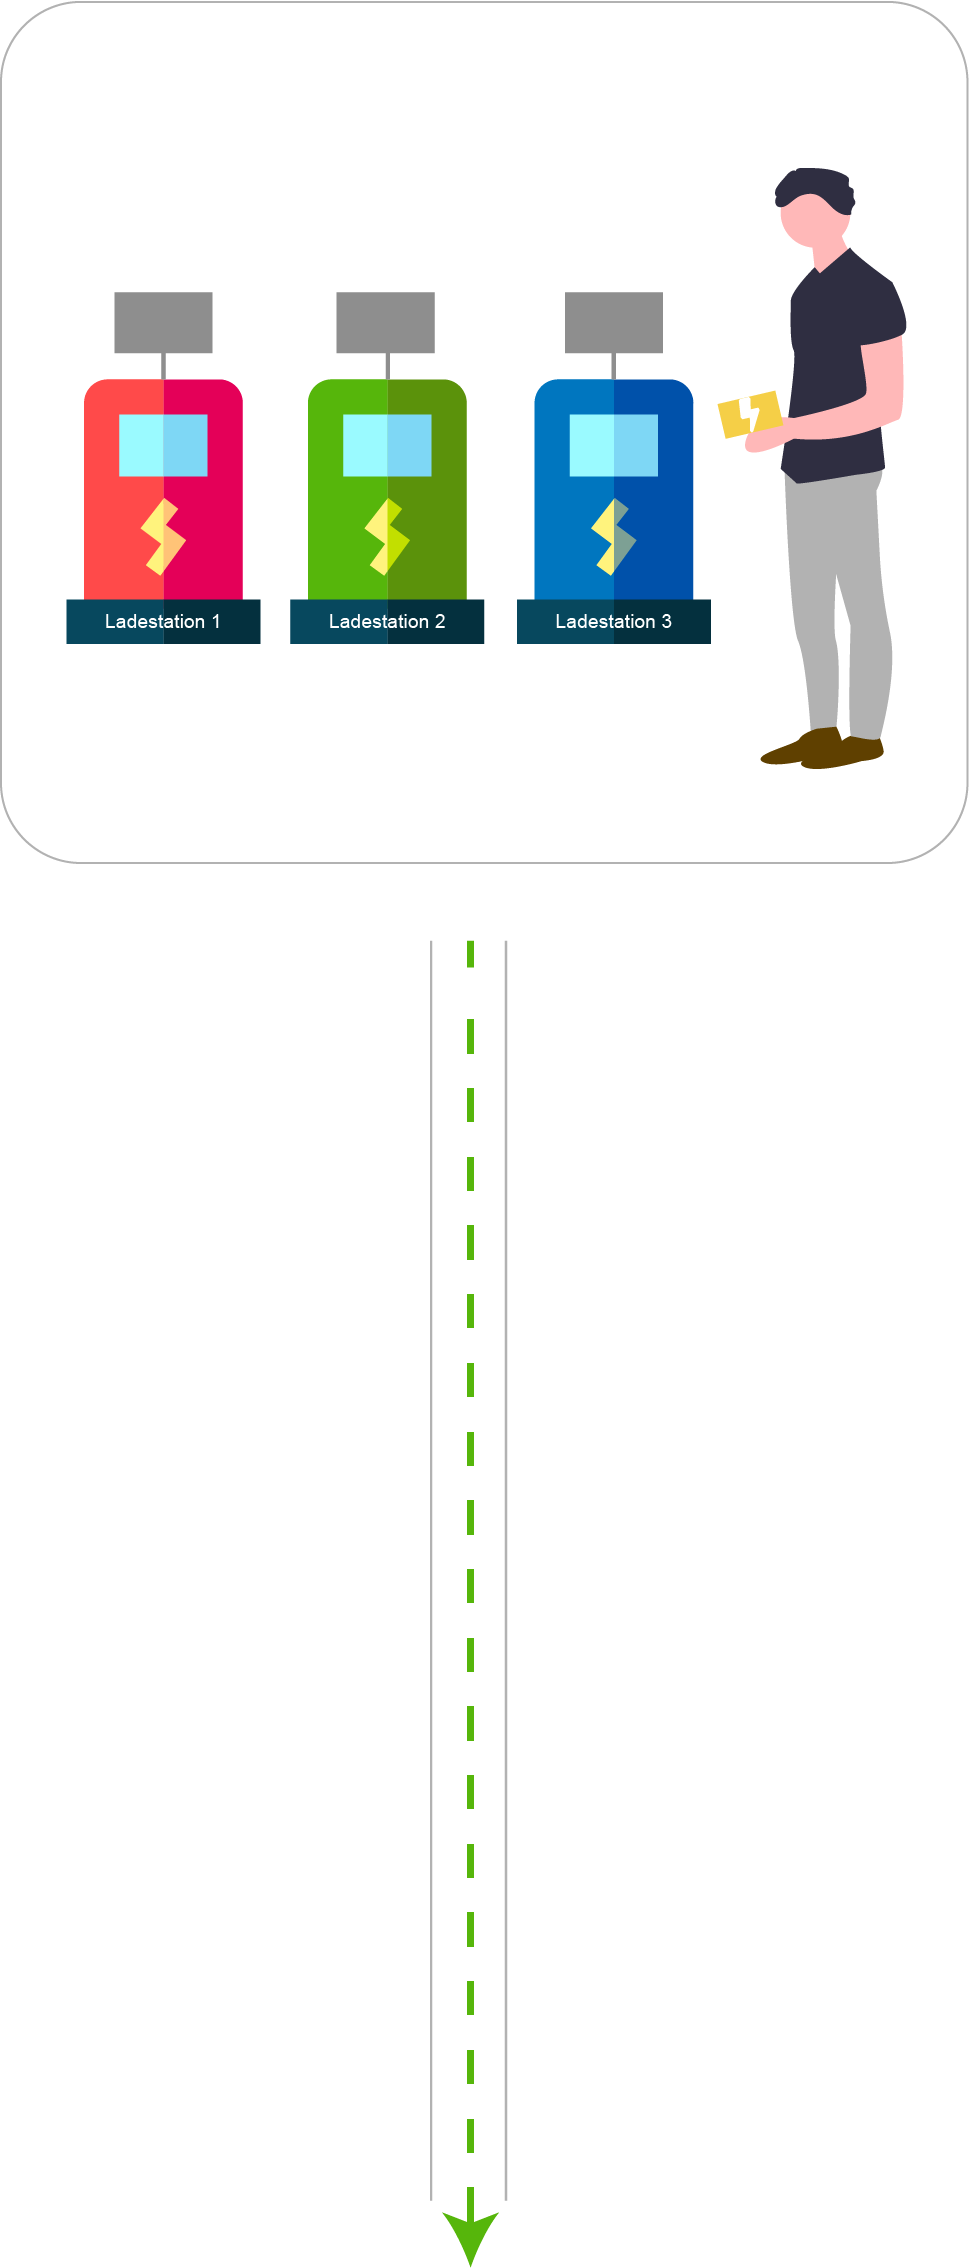 Ladestationen